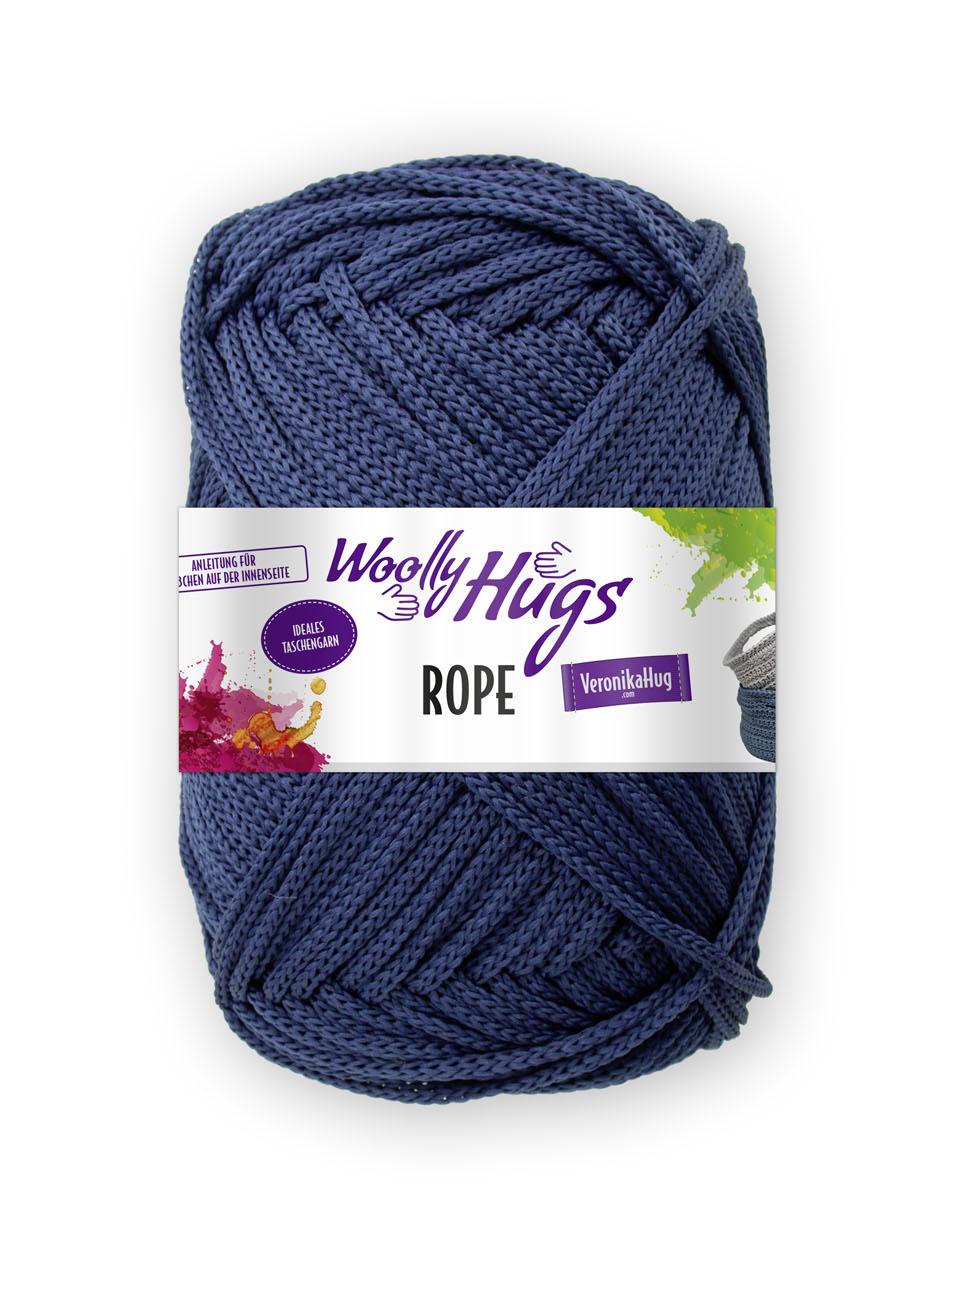 Woolly Hugs Rope 200g 1kg (5x200g)